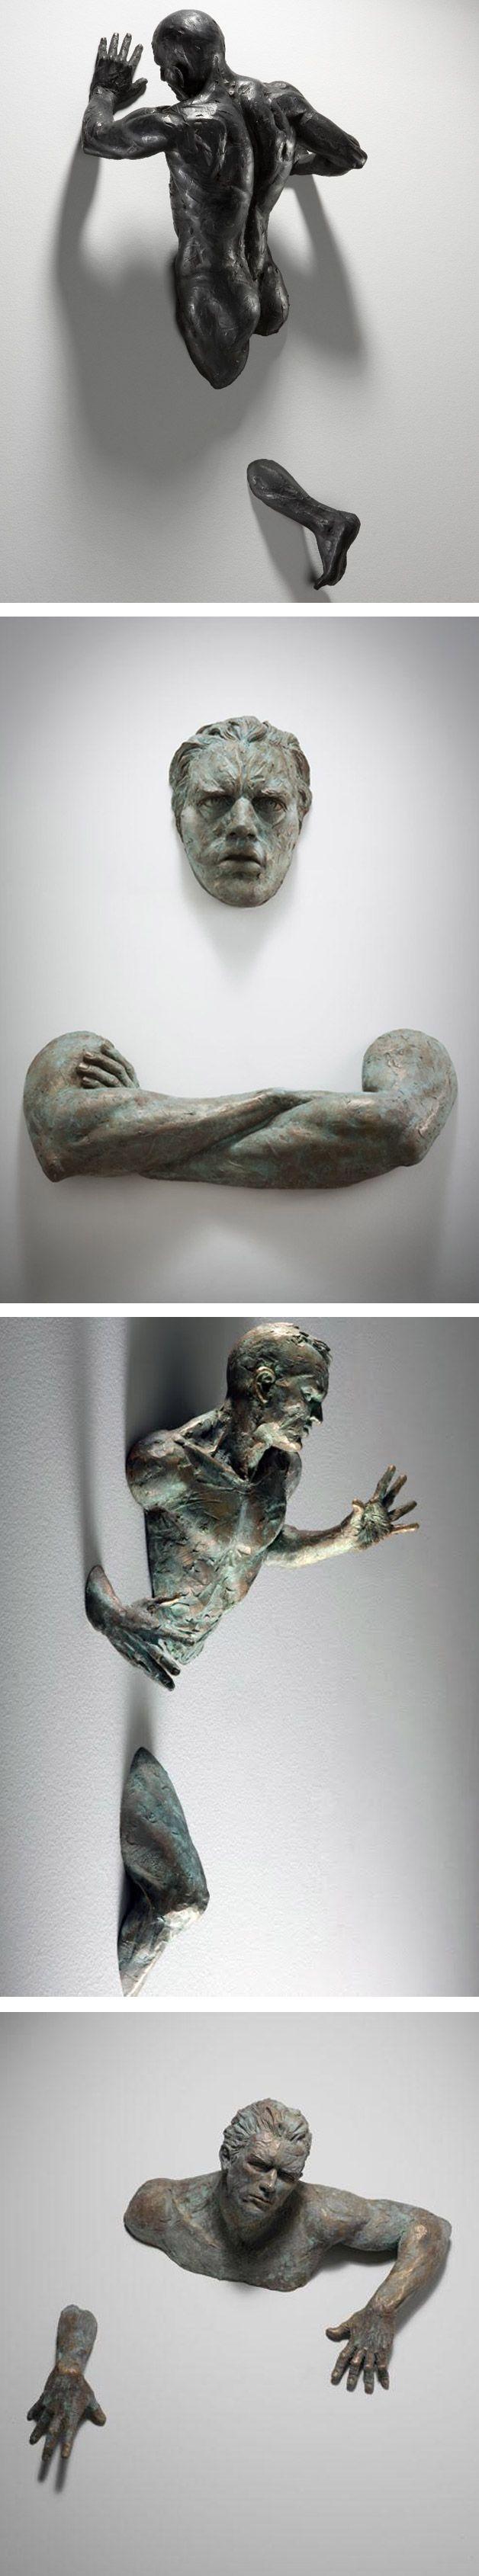 O artistaMatteo Pugliese criou um projeto sensacional de esculturas em…